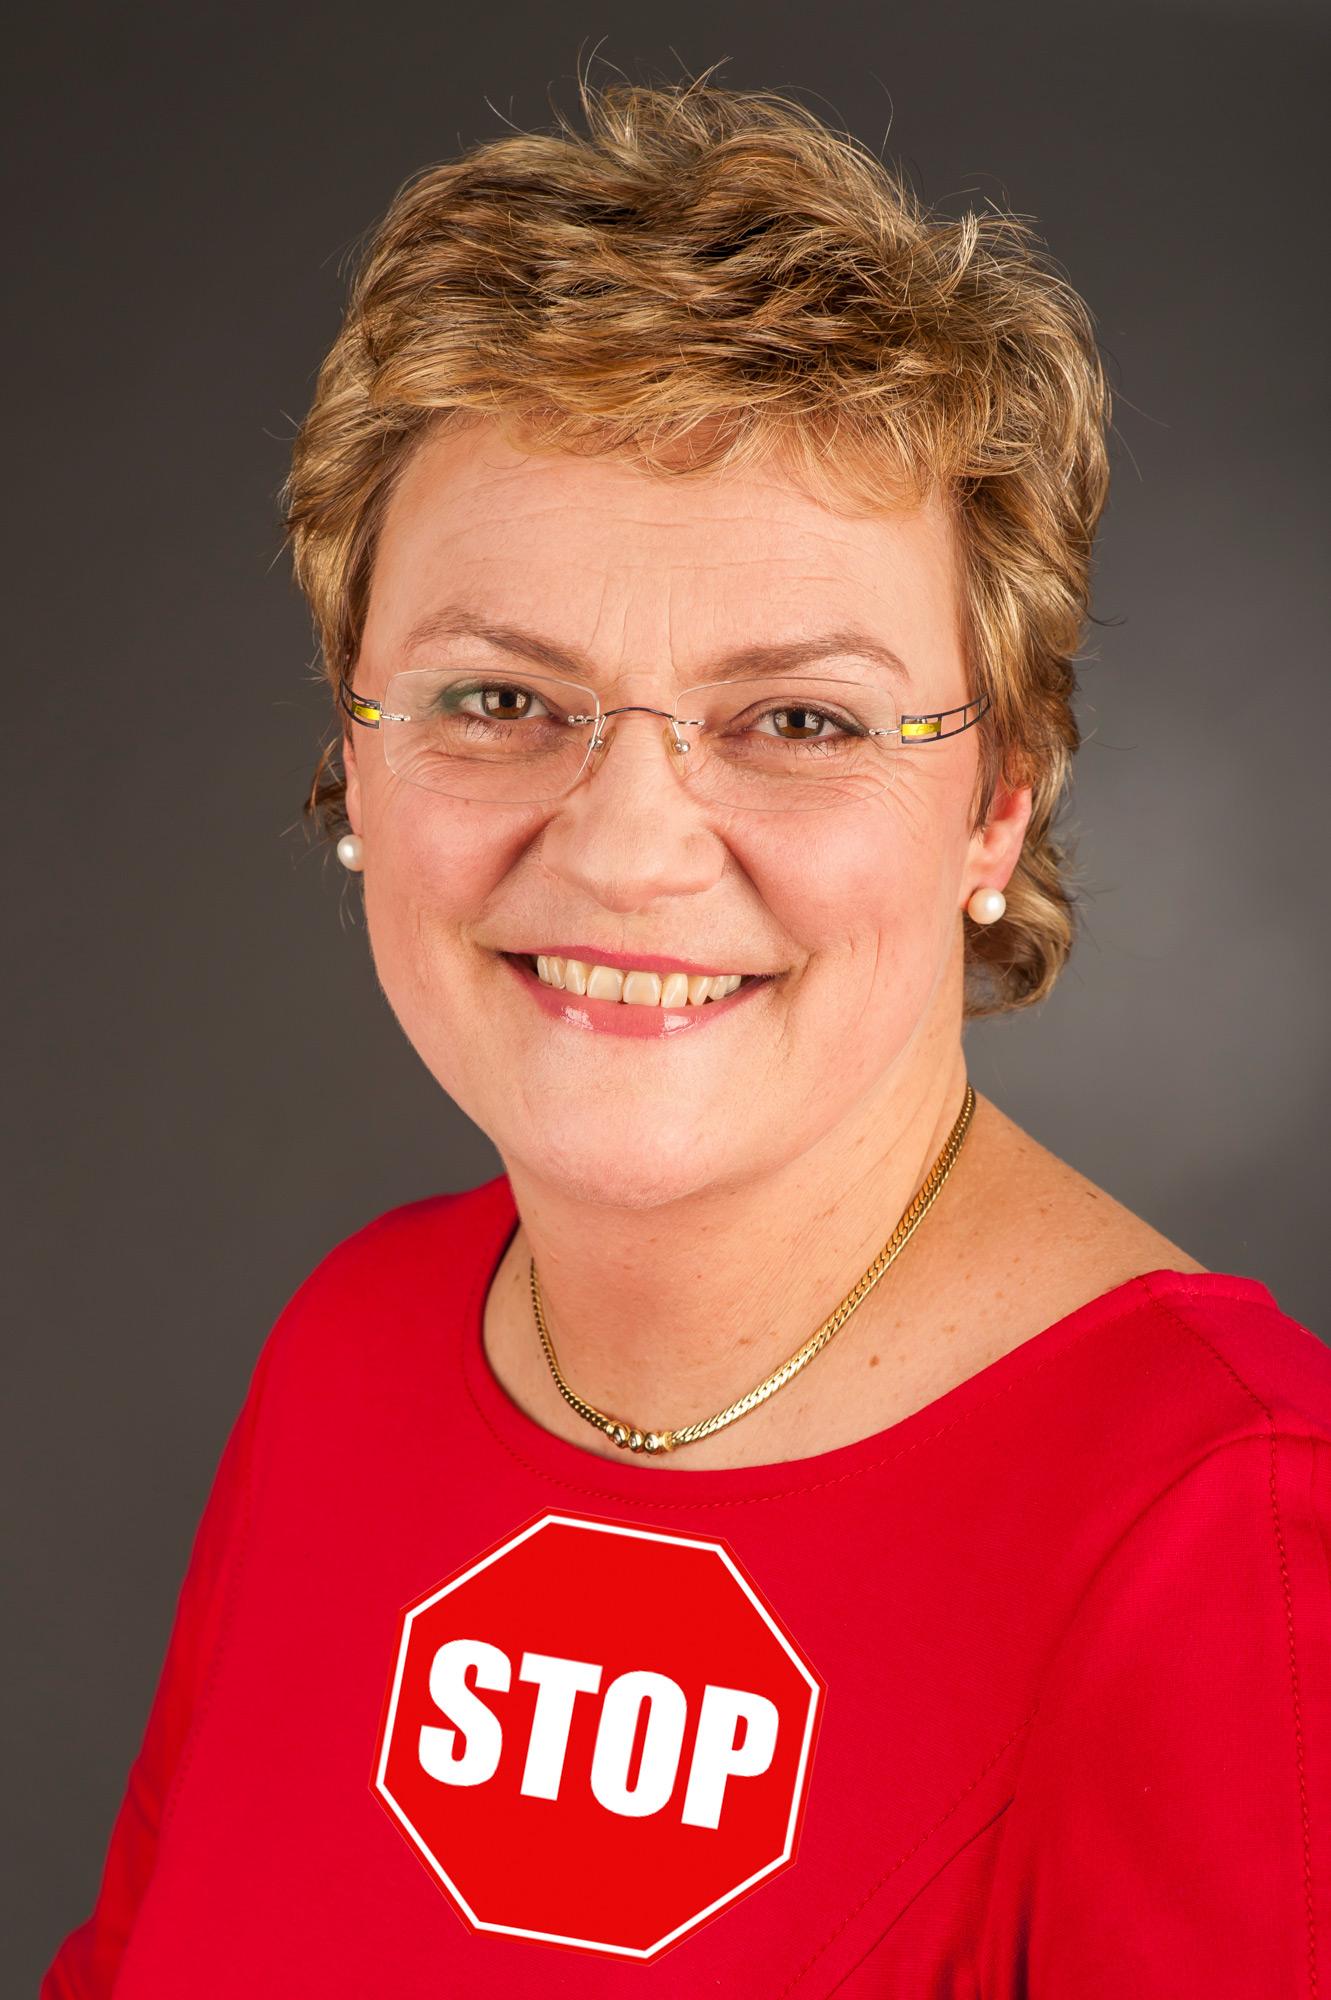 EU-Abgeordnete Monika Hohlmeier (CSU) setzt sich für Netzzensur in der EU ein. Bild basiert auf Foto-AG Gymnasium Melle / CC-BY-SA.